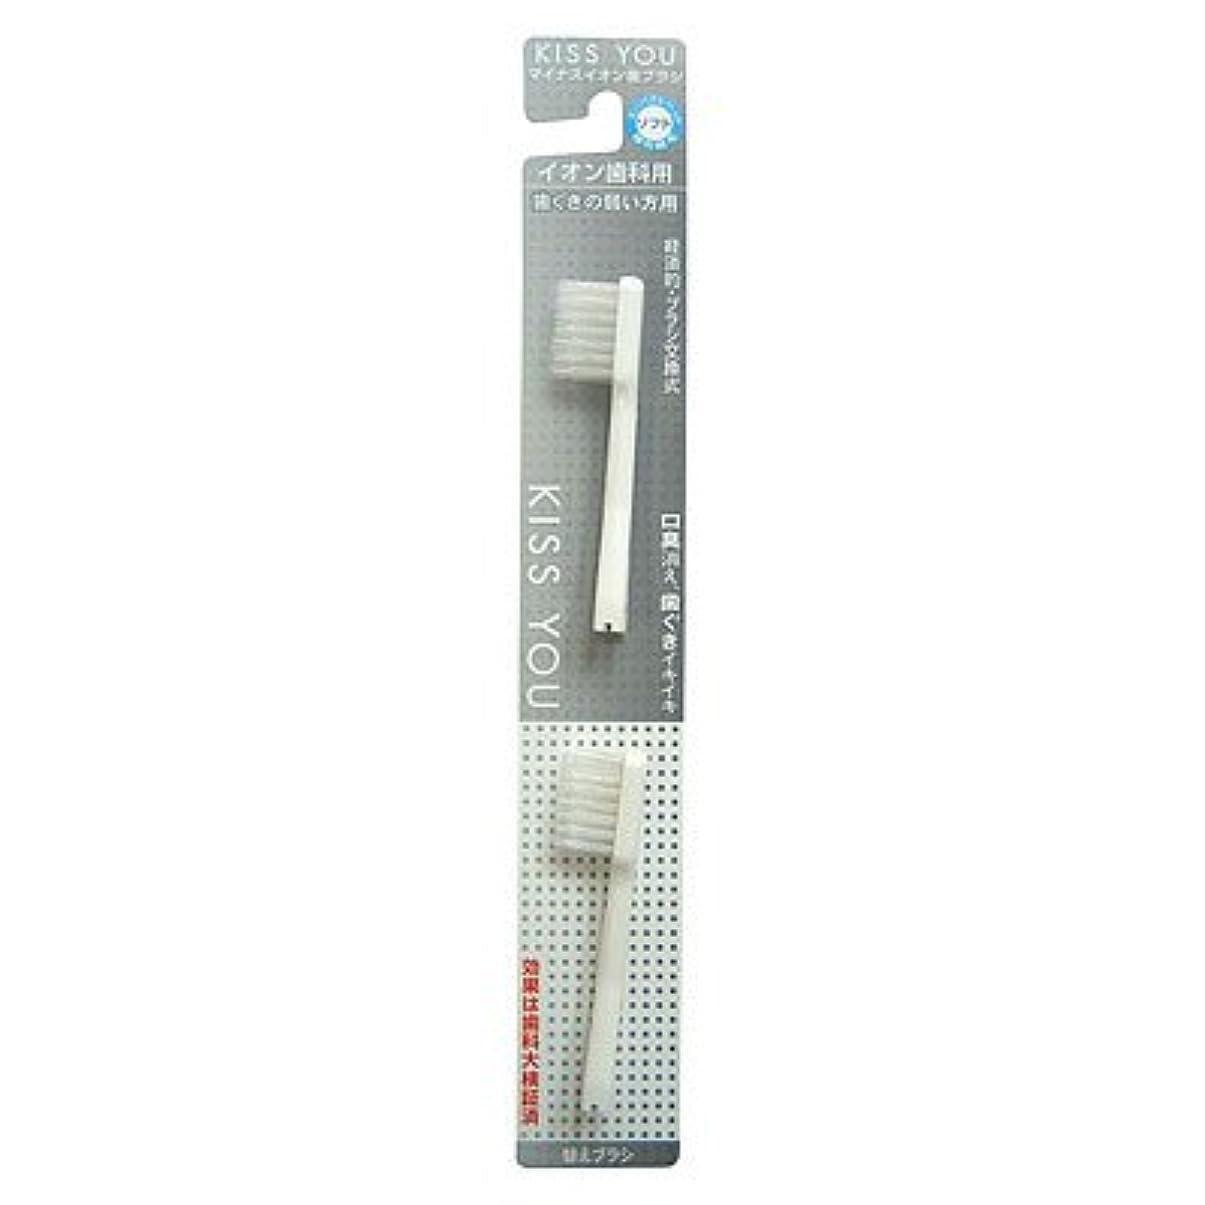 博物館乳製品隔離キスユーイオン歯科用替えブラシ ソフト